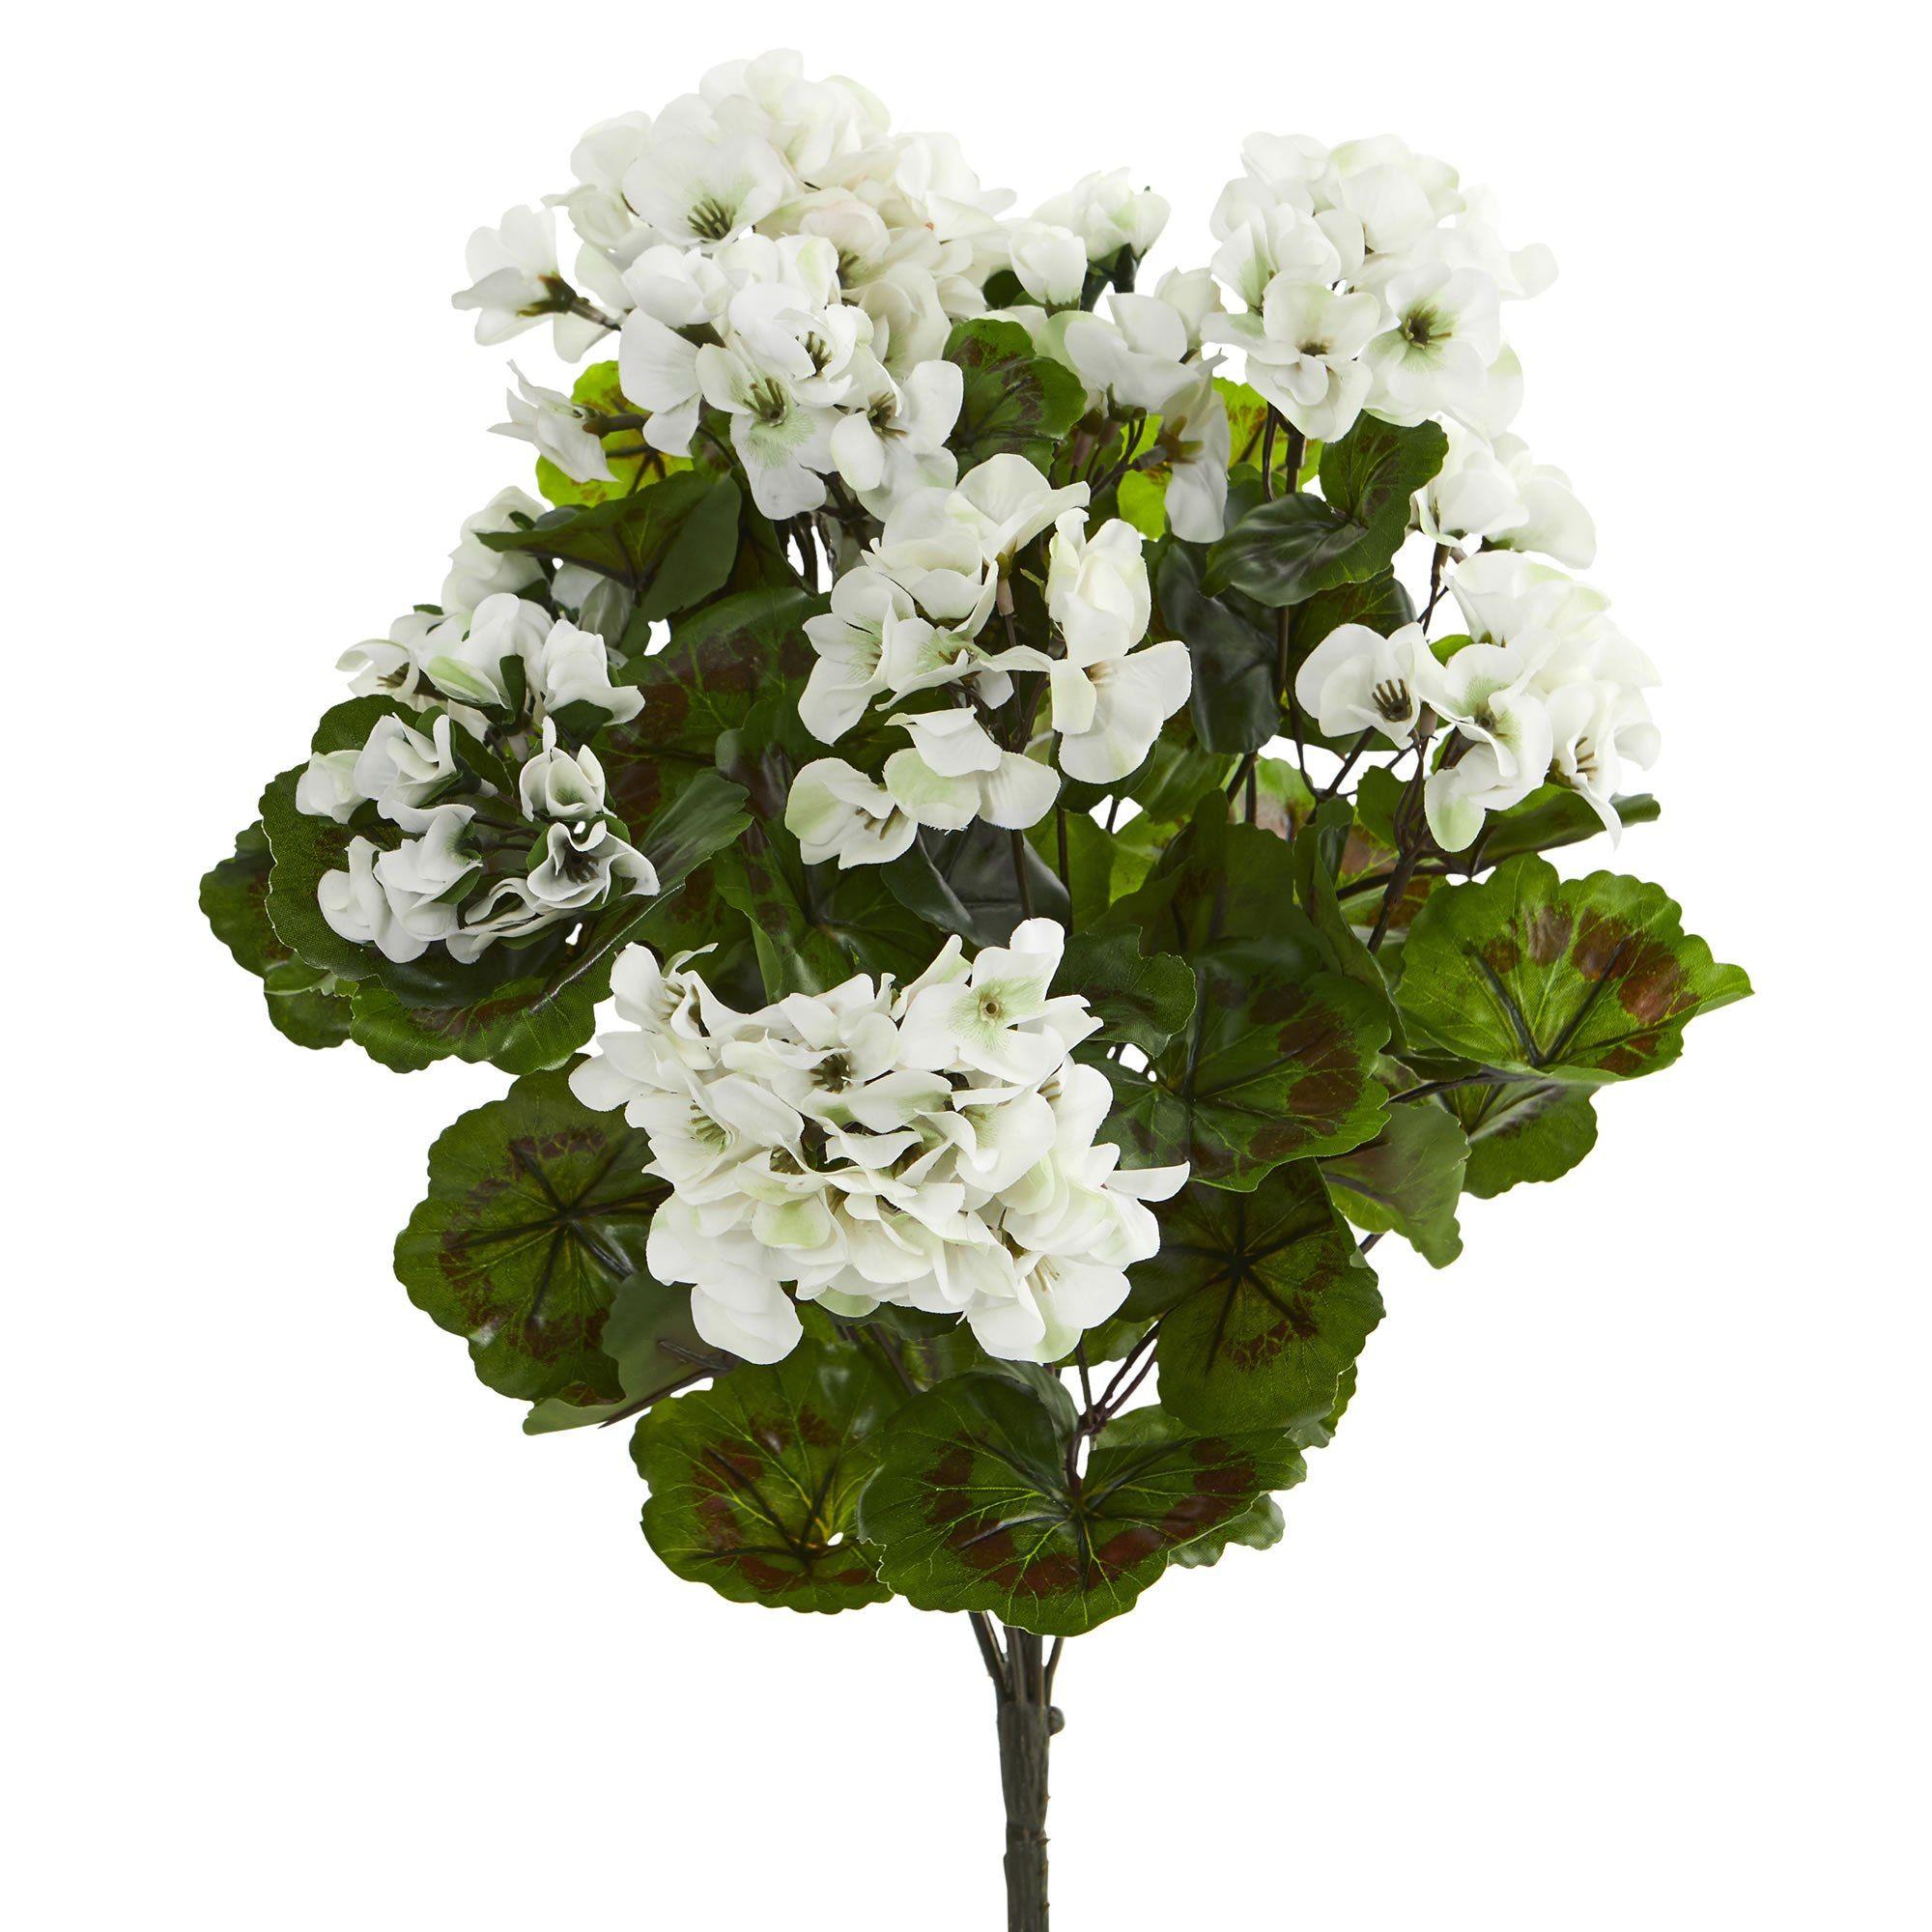 19 White Geranium Artificial Bush Uv Resistant Set Of 3 Sofa Tables